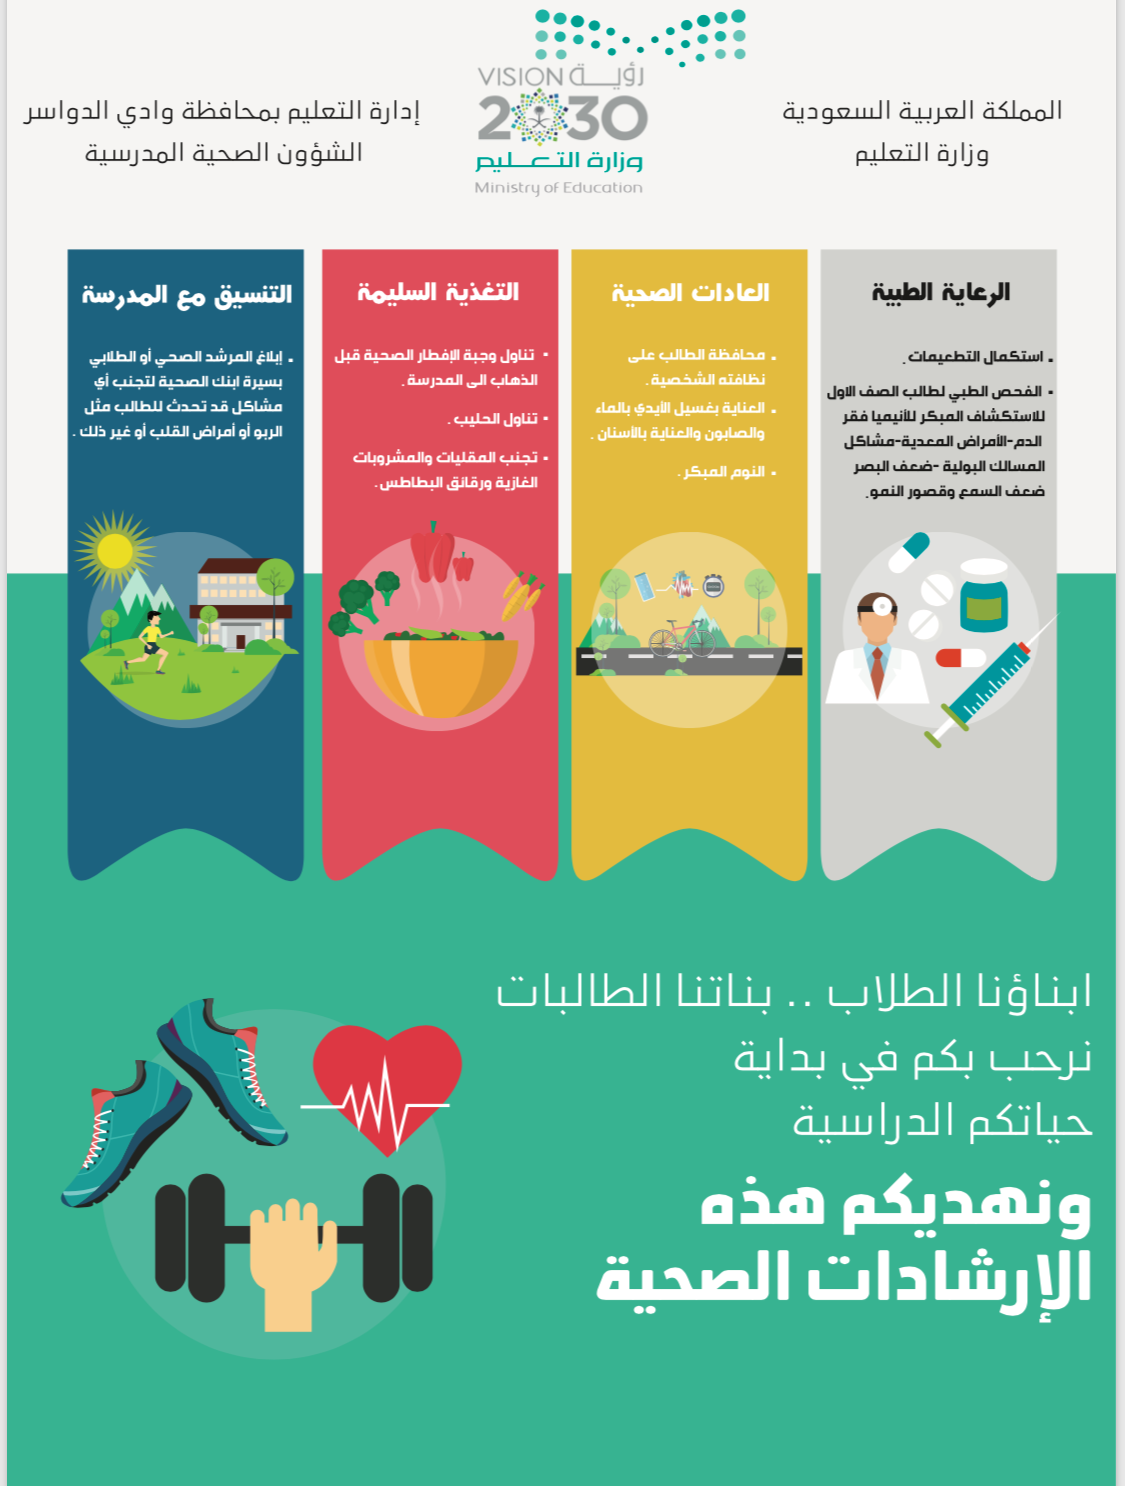 الصحة المدرسية تطلق برنامج معلومات صحية لكل طالب وطالب